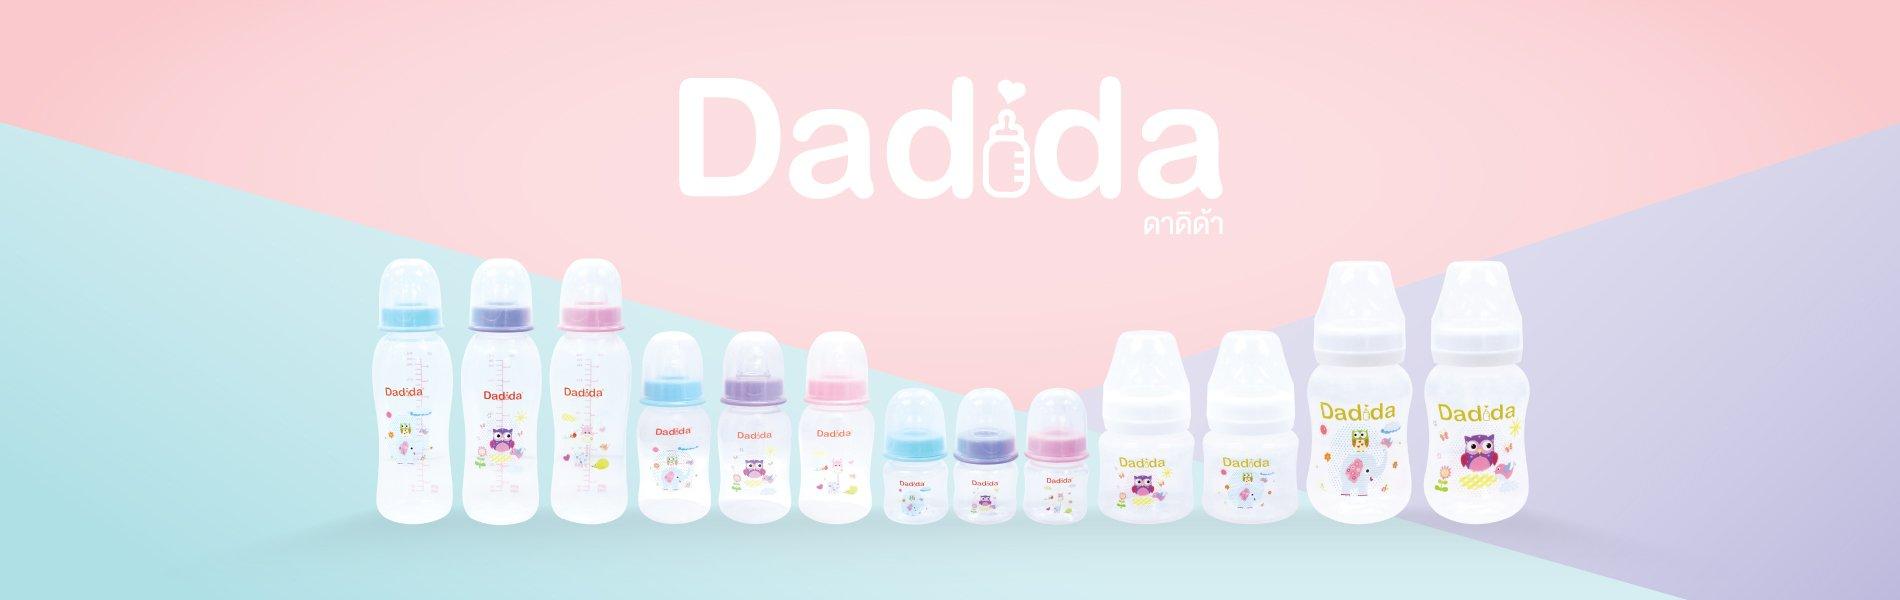 Dadida ดาดิด้า ขวดนม